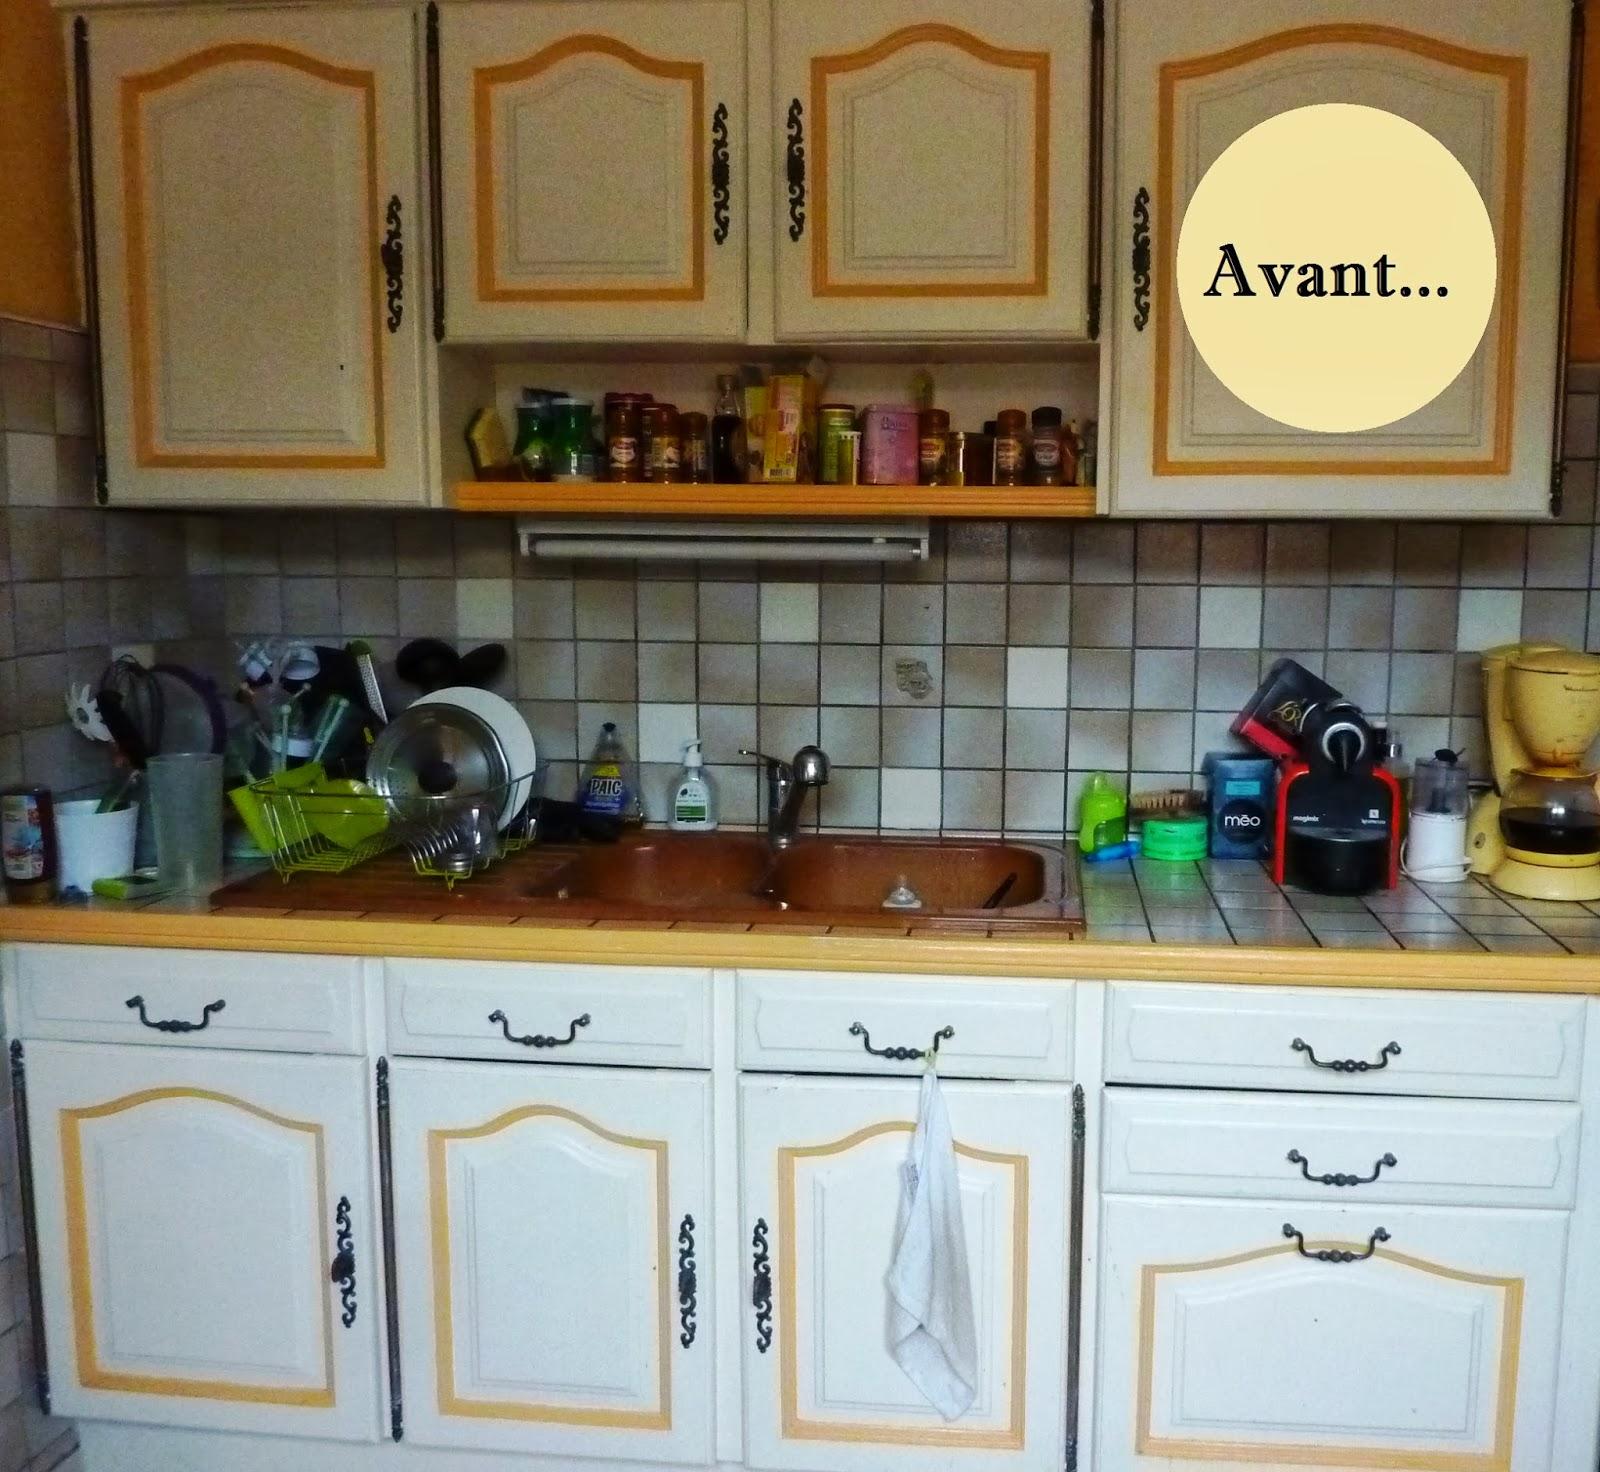 Modele de cuisine ancienne repeinte - lille-menage.fr maison